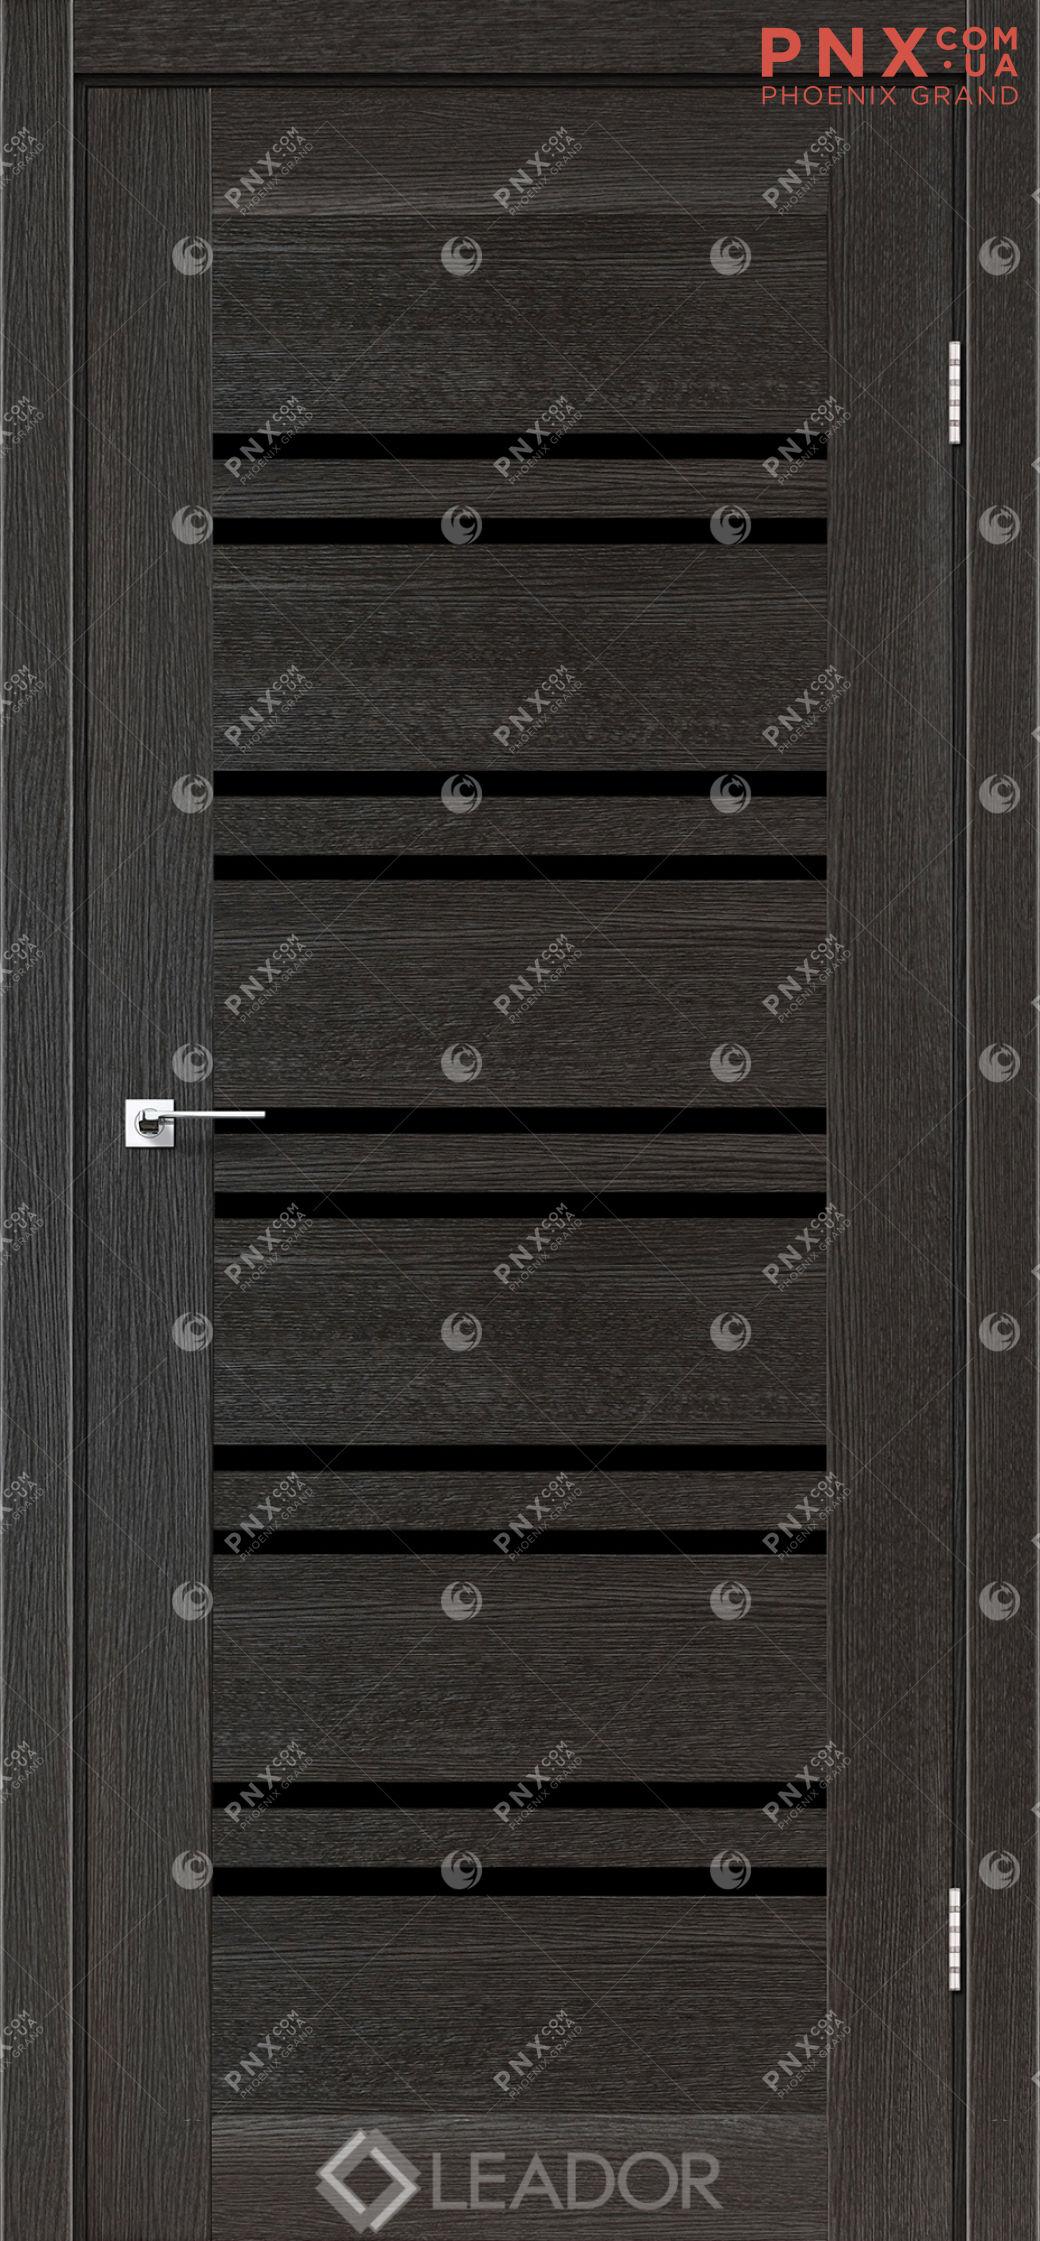 Межкомнатная дверь LEADOR Sicilia, Дуб Саксонский, Черное стекло